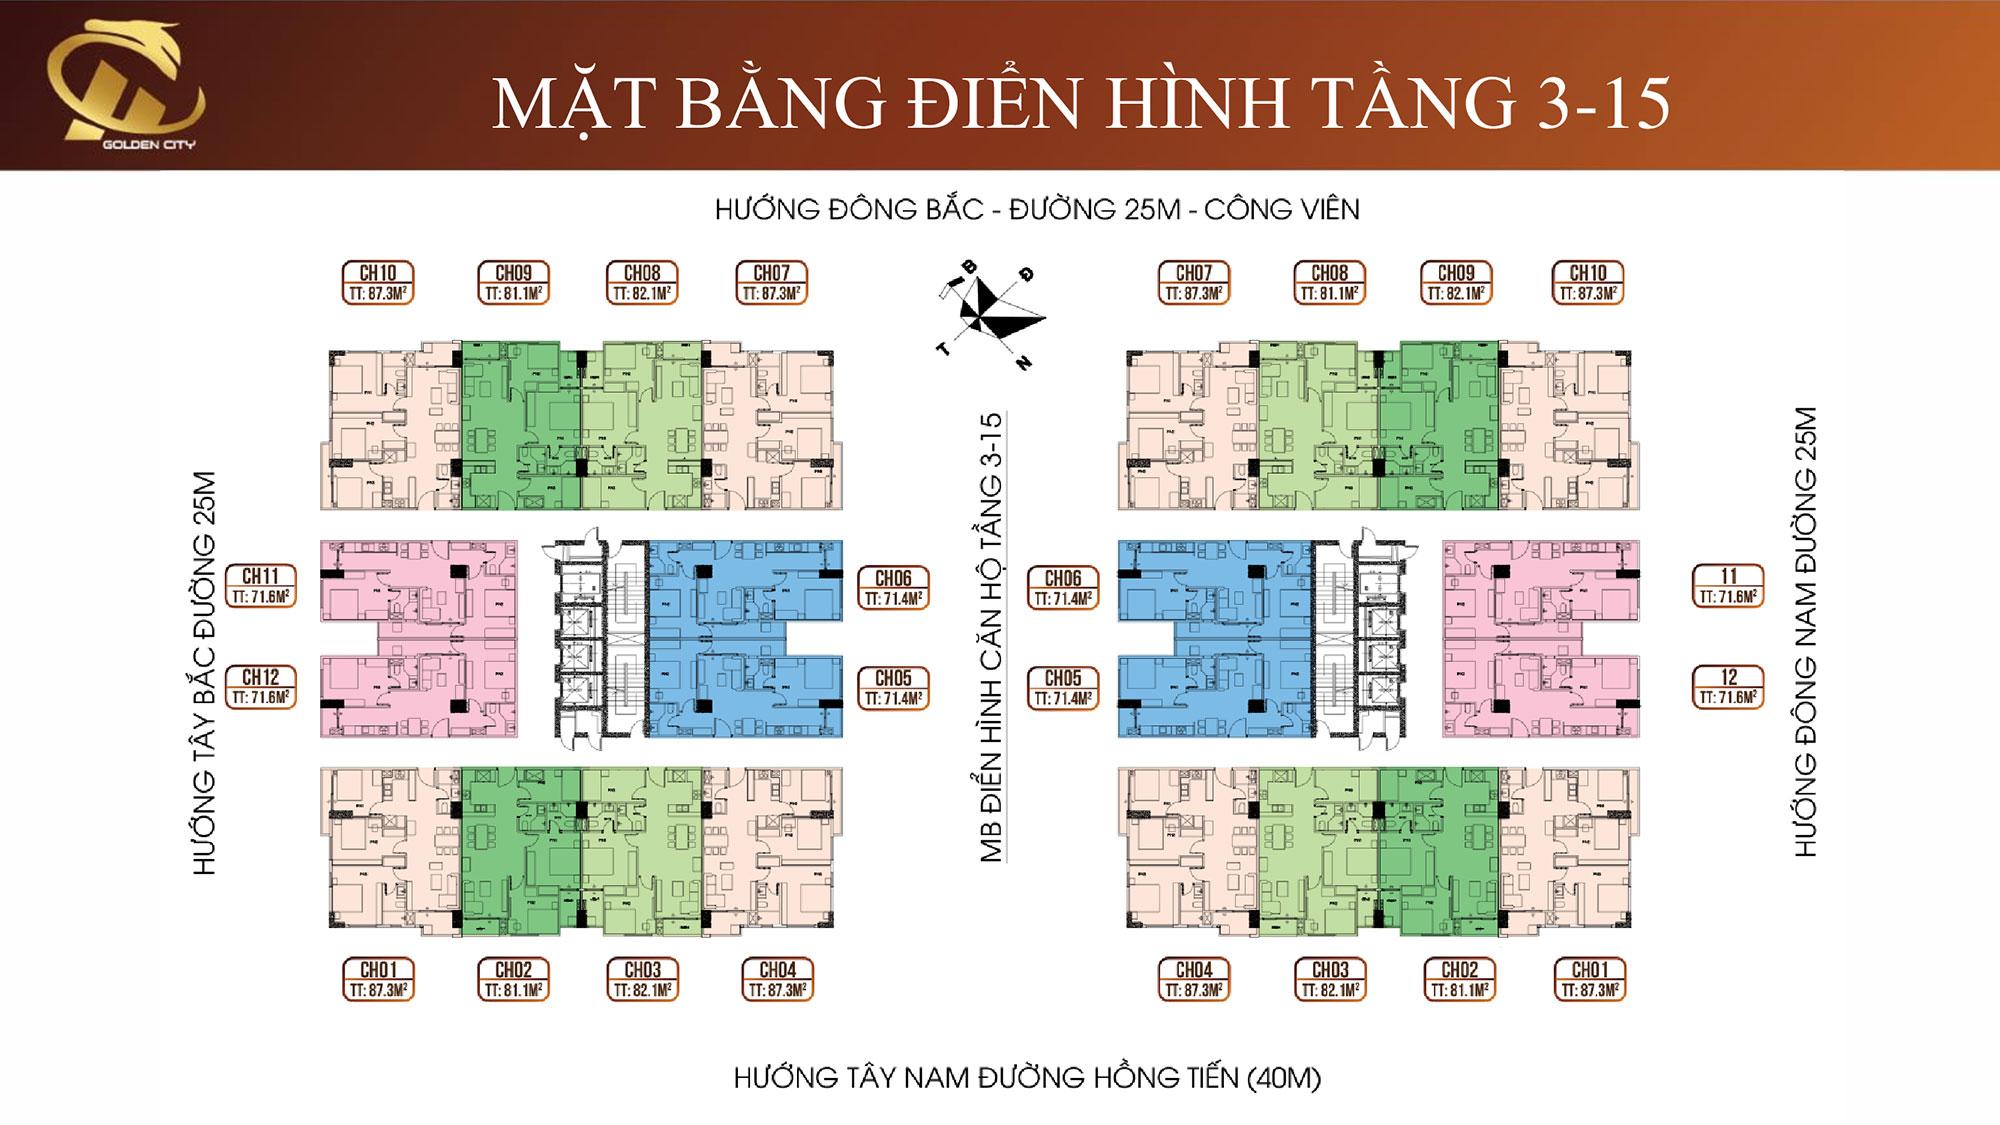 mat-bang-tang-3-15-hc-golden-city